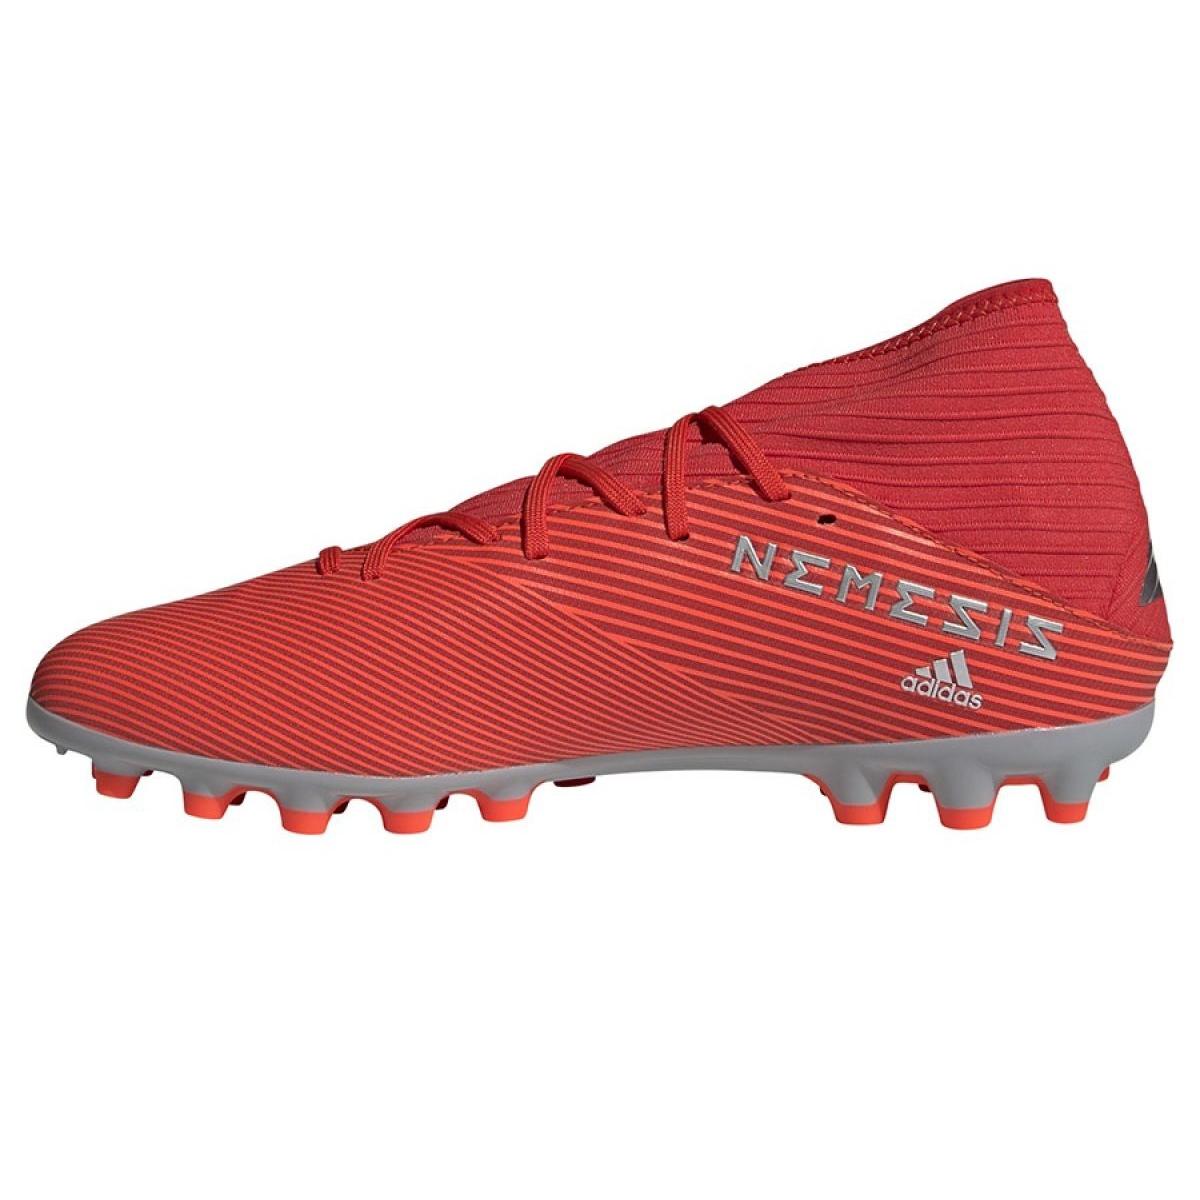 scarpe adidas calcio ag